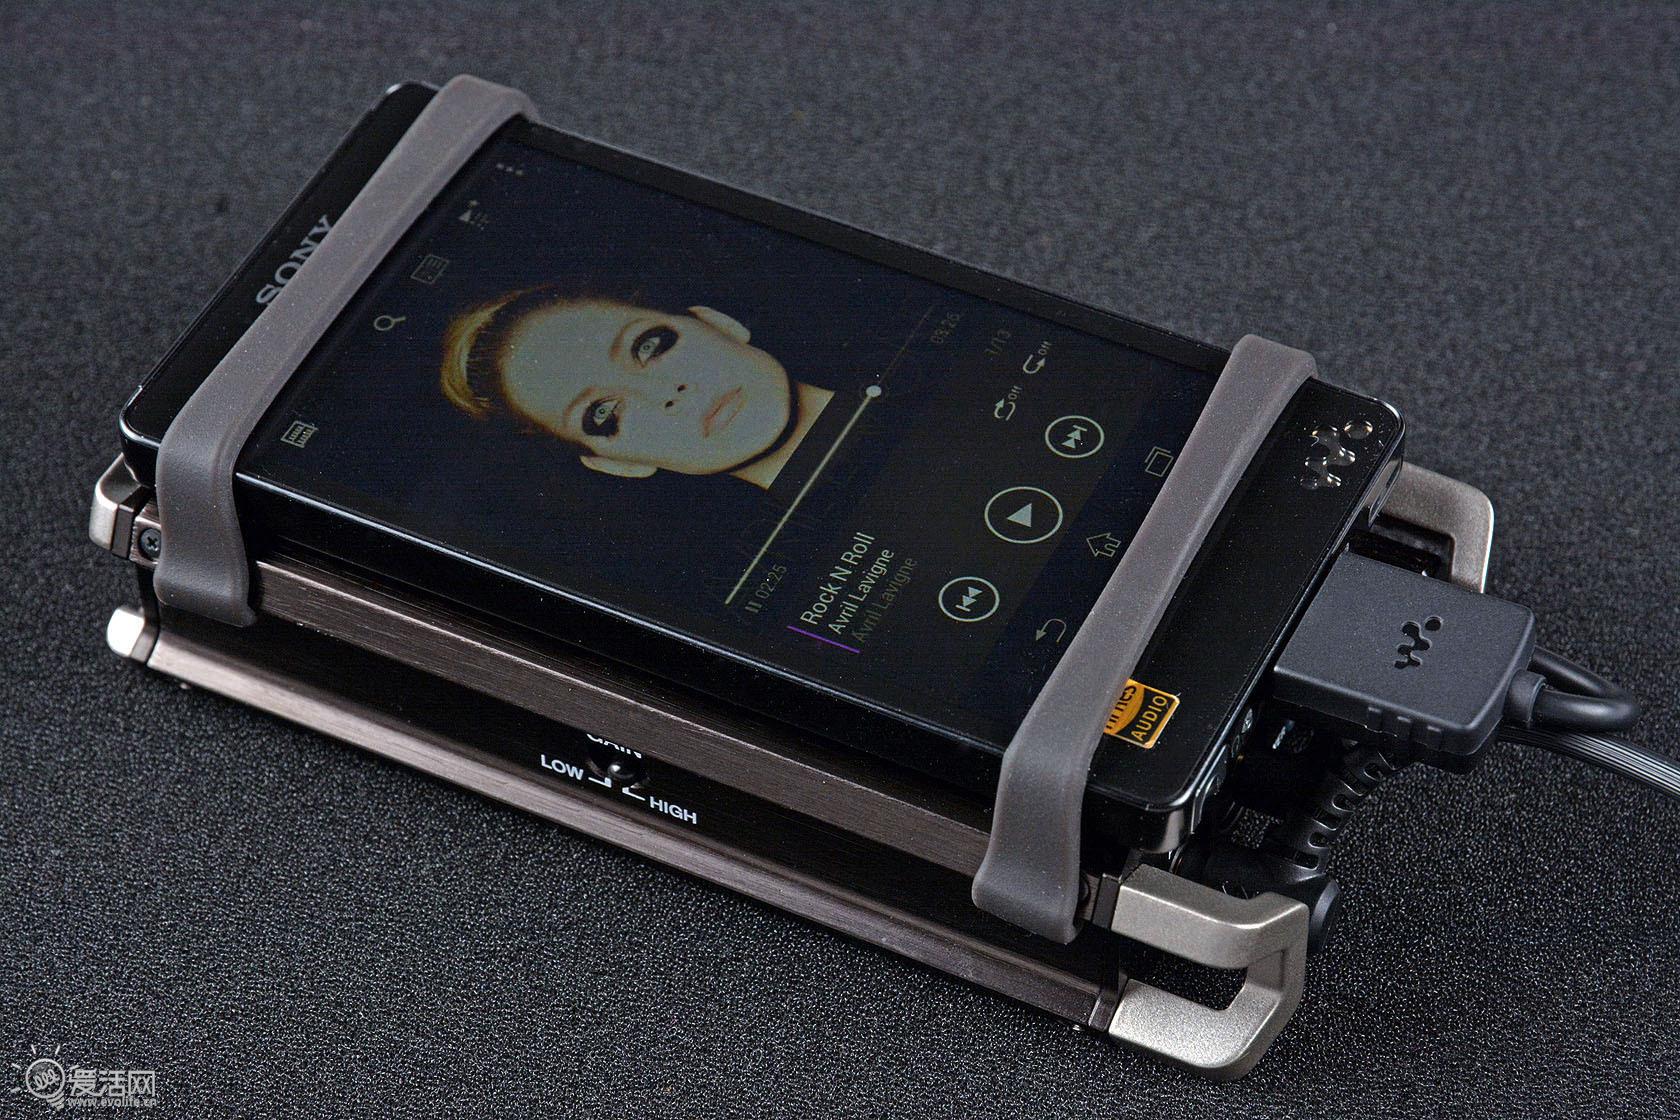 助力其他设备 素质因前端而异 Walkman党可能会不高兴了,作为本家产品,PHA-1居然不支持Walkman数字输入。最初曾尝试着使用WM-PORT转USB线连接F885与PHA-1,但发现依旧出不了声,可以猜测PHA-1从电路设计上就拒绝了Walkman数字输入。  因此我们只能使用WM-PORT转3.5mm连接线进行模拟输入了,此时只能使用PHA-1的耳机放大部分。所以通过实听就可以感受到,F885+PHA-1组合带有很明显的前端风格,继承了大部分F885自身的声音取向,只是经过了PHA-1的信号放